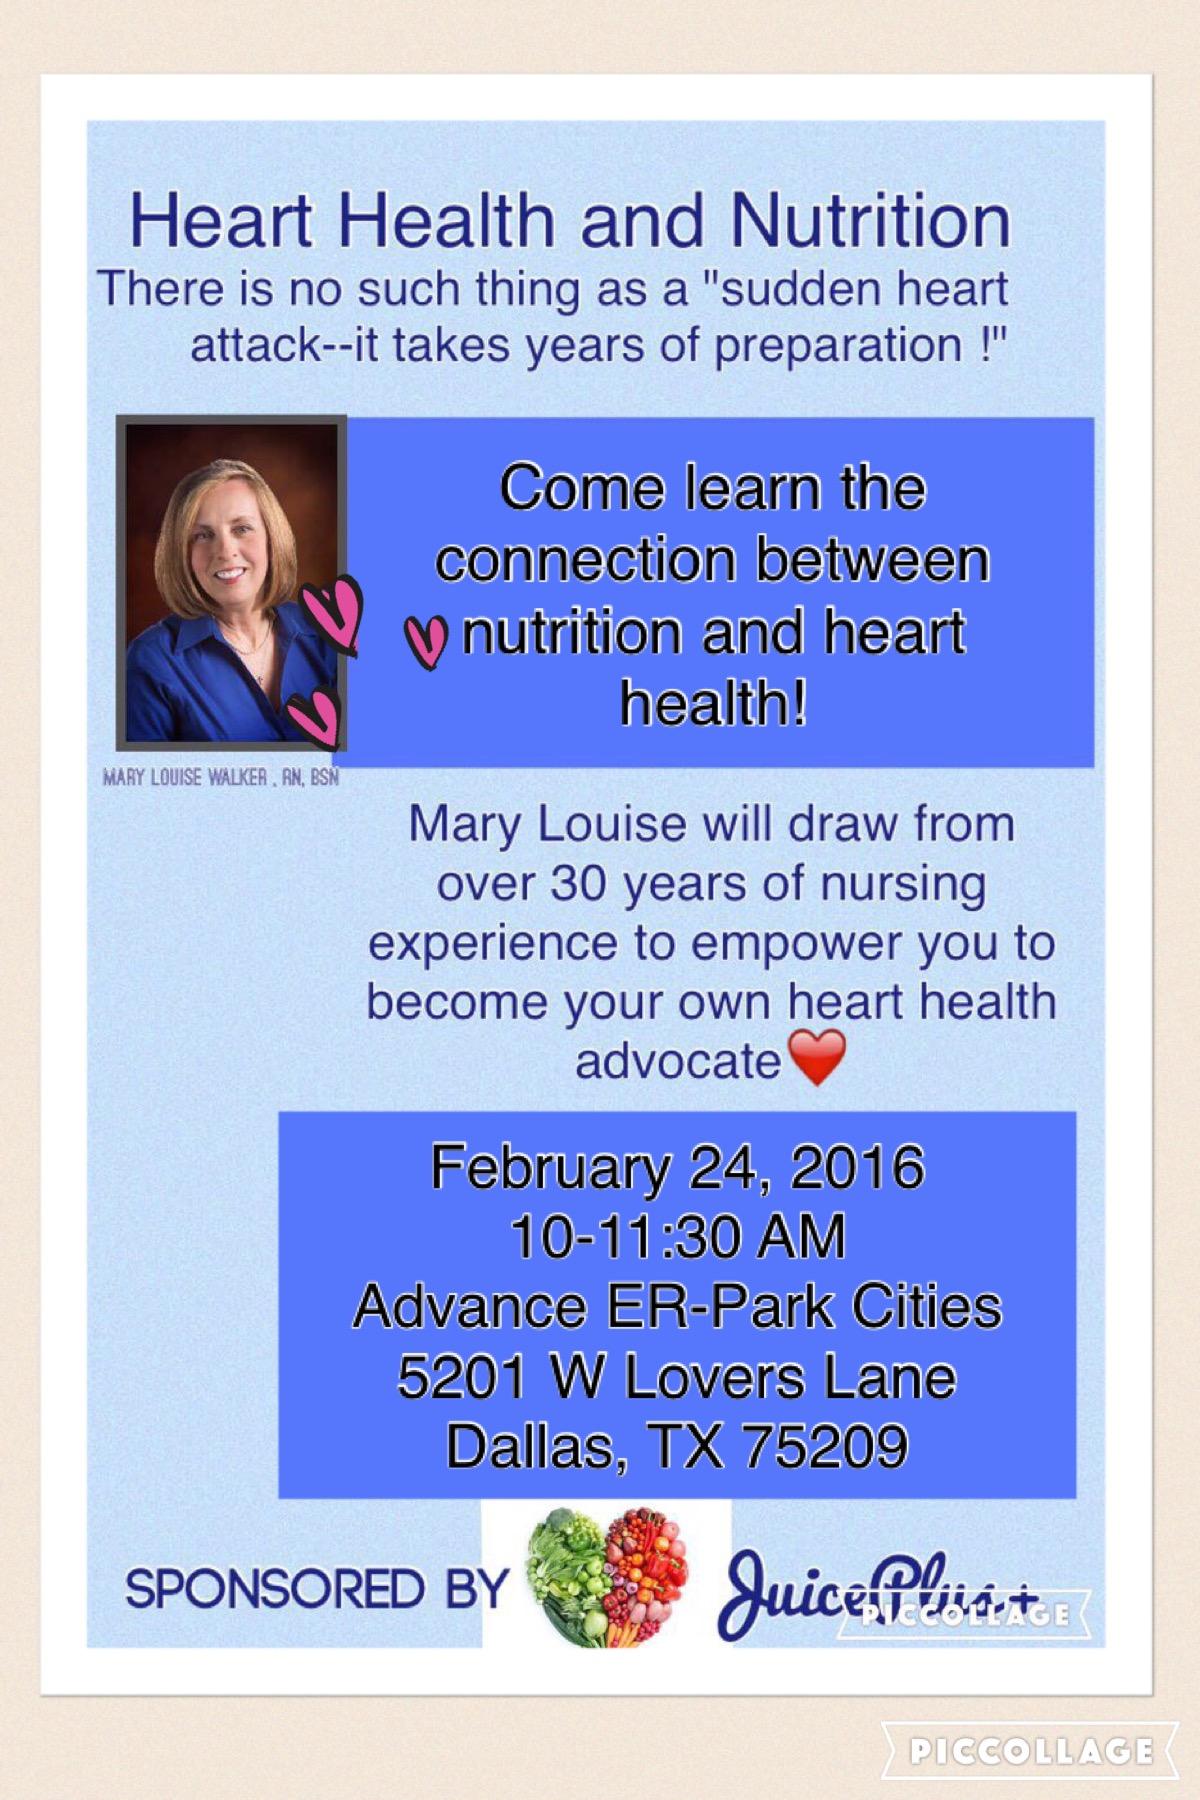 Heart Helath event flyer 2.24.16